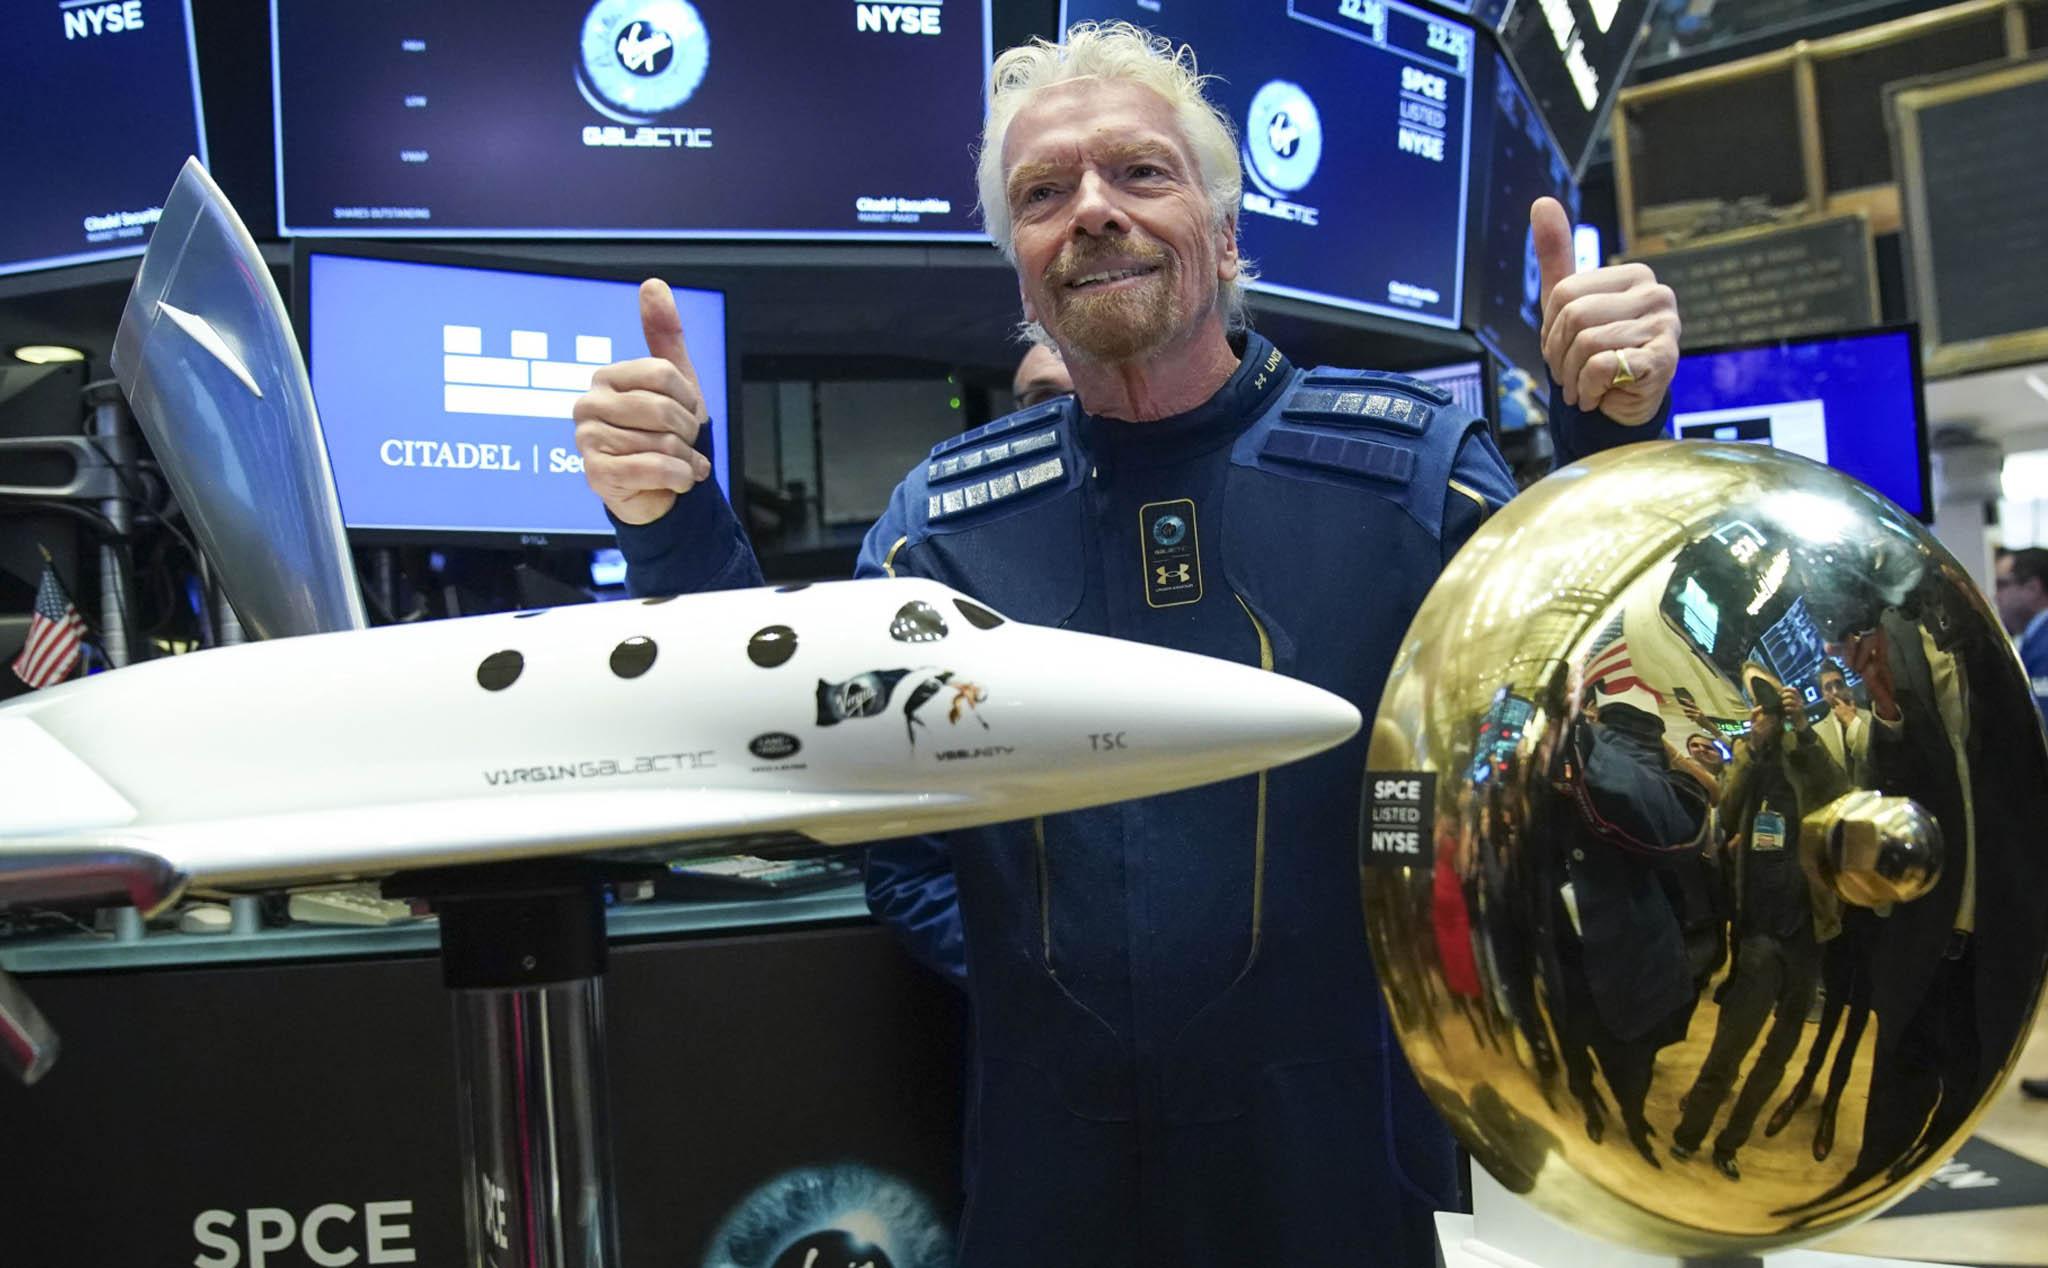 Virgin Galactic bay thử tàu vũ trụ phục vụ du lịch, đã có 600 người đặt cọc  vé bay ngoài không gian | Tinh tế